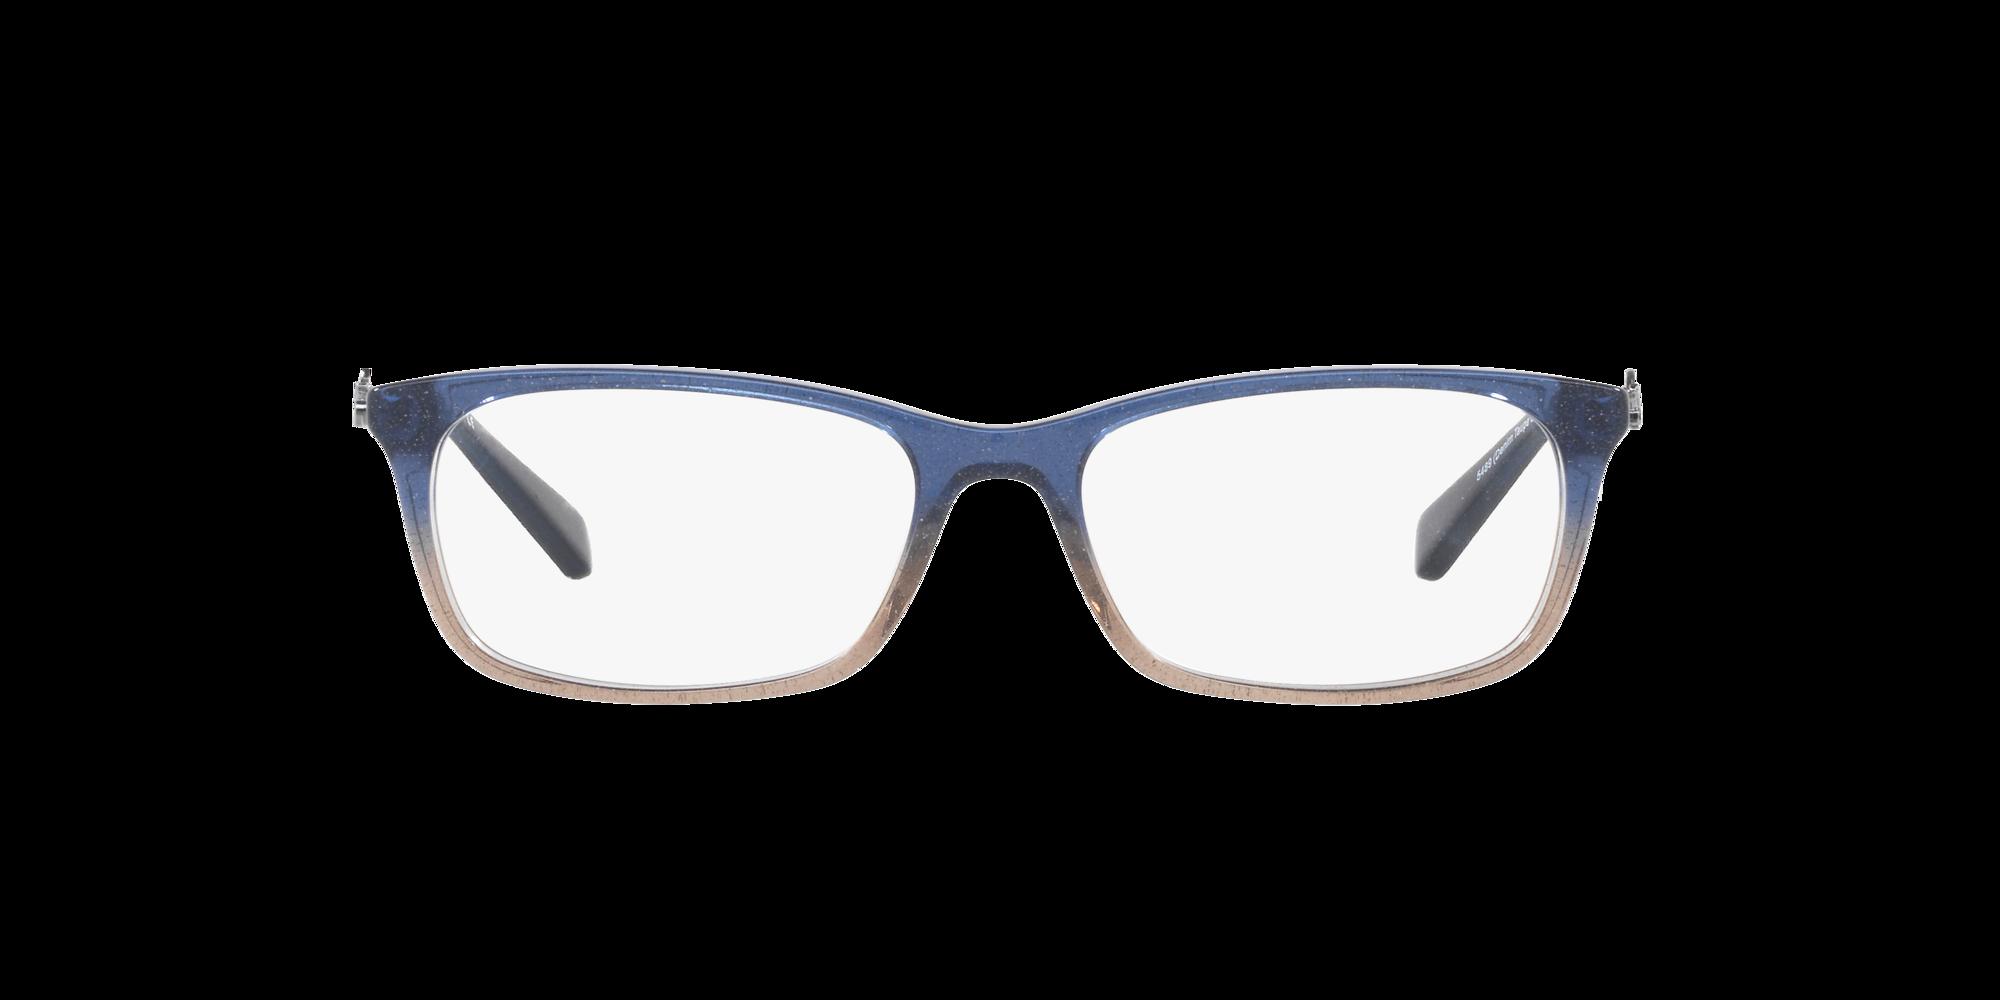 Imagen para HC6110 de LensCrafters |  Espejuelos, espejuelos graduados en línea, gafas